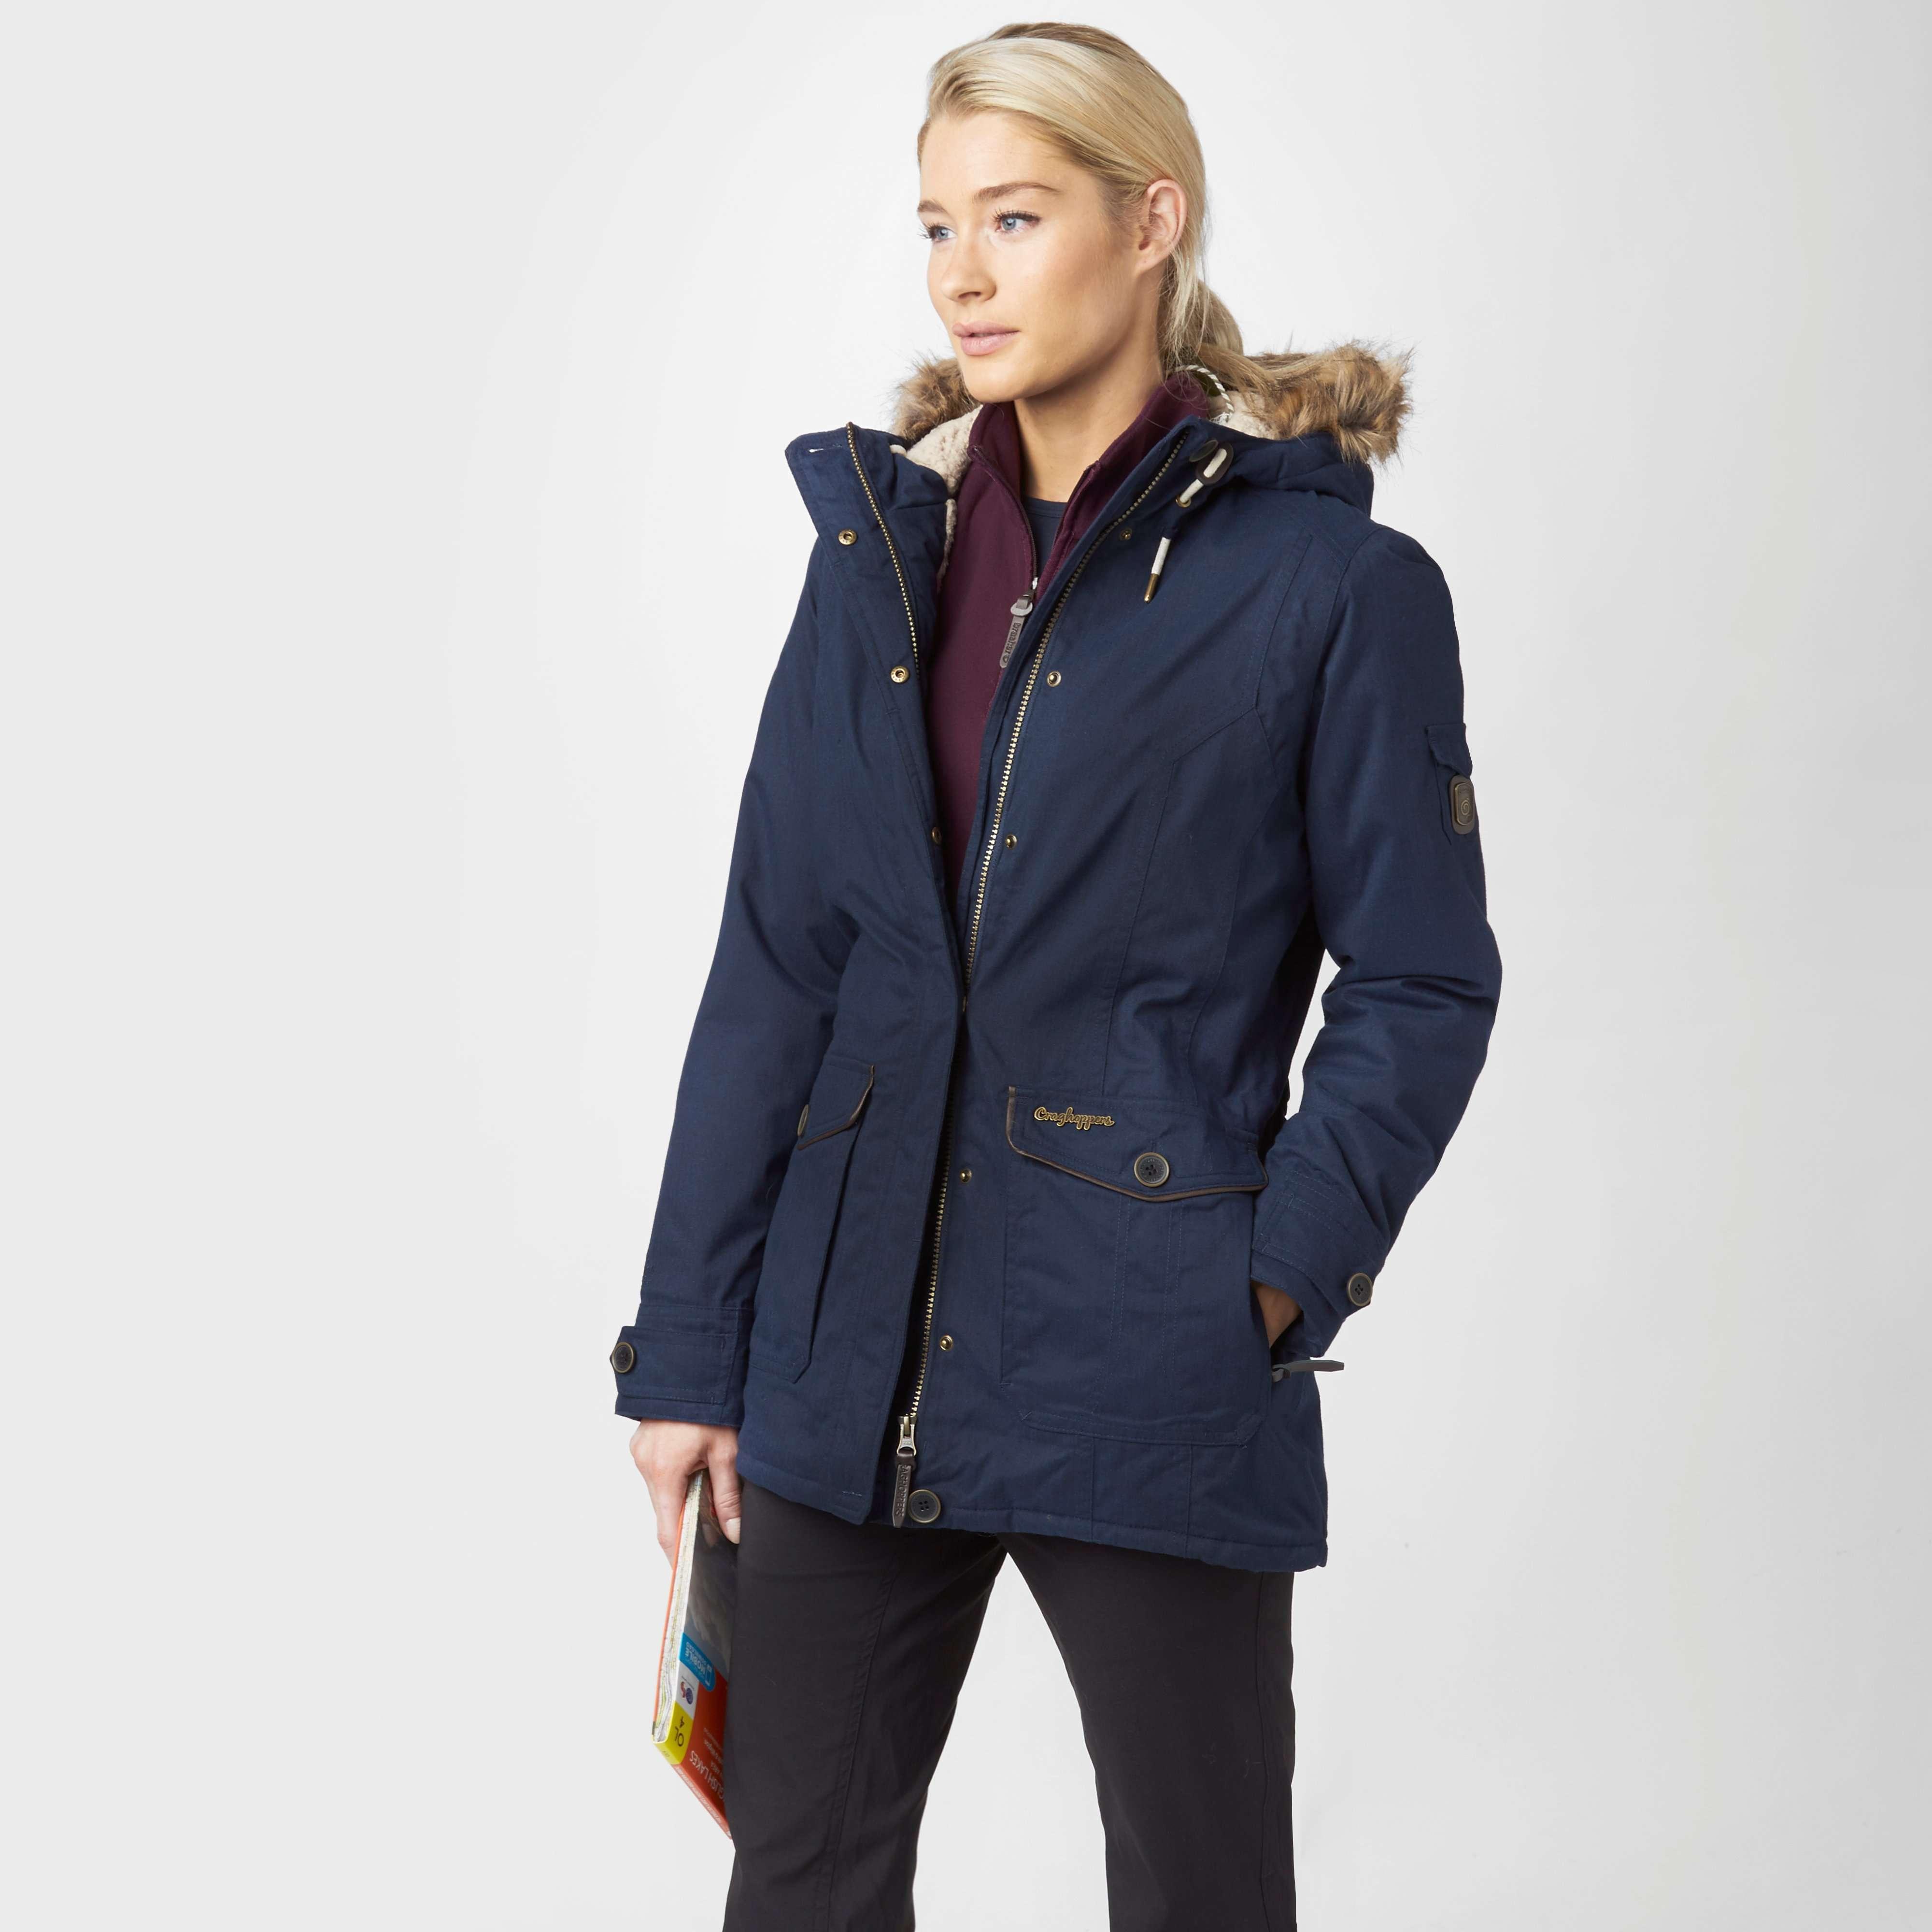 CRAGHOPPERS Women's Burley Jacket